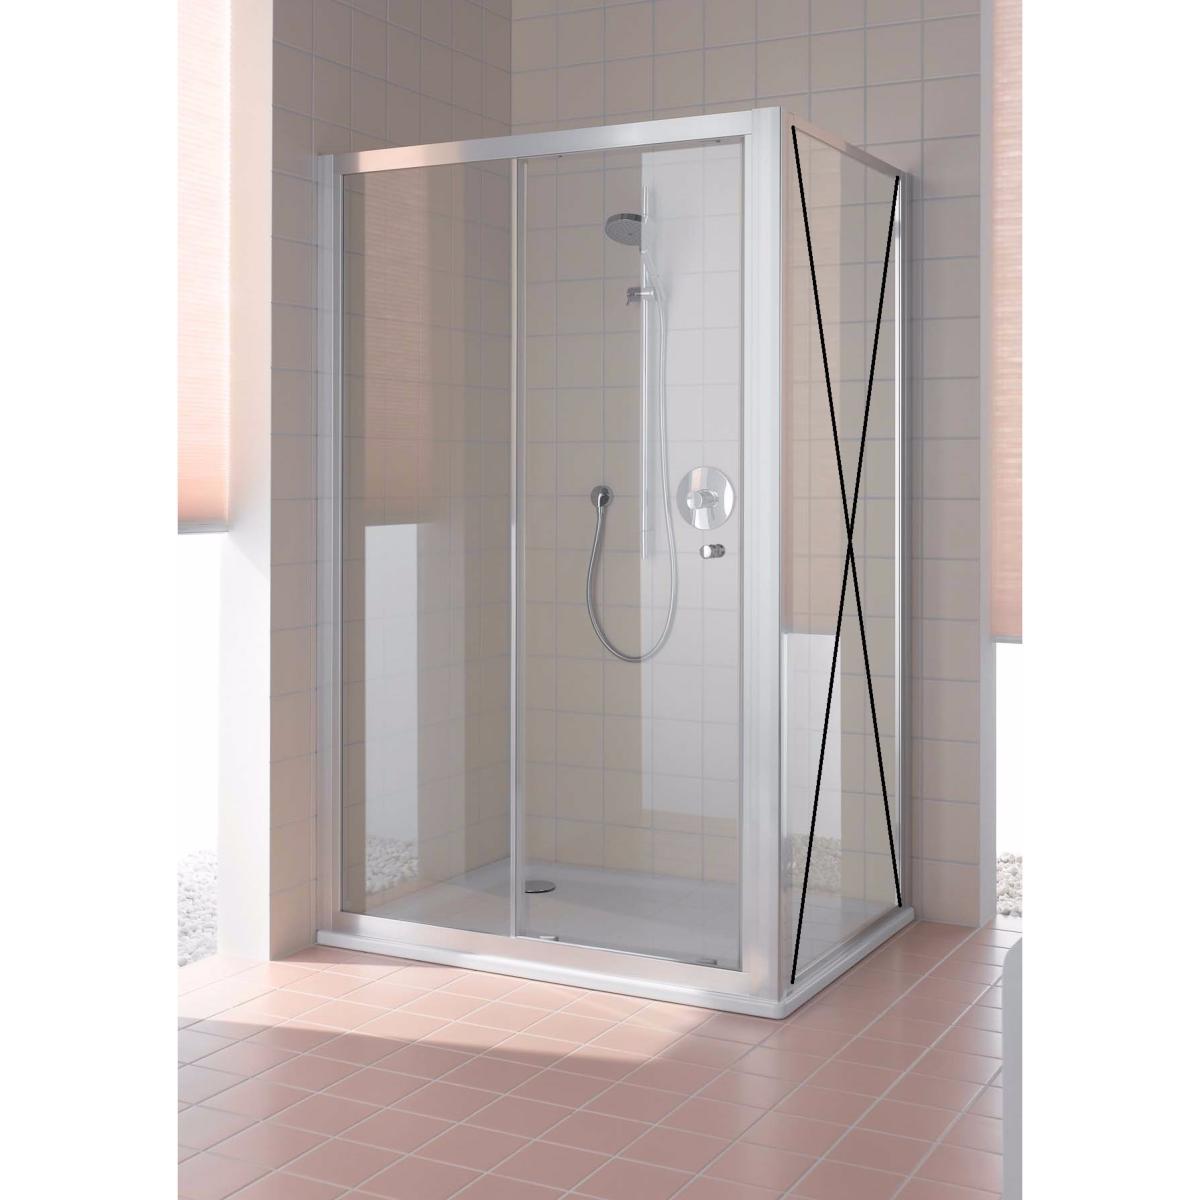 Paroi de douche 1 porte coulissante grande largeur for Largeur porte coulissante